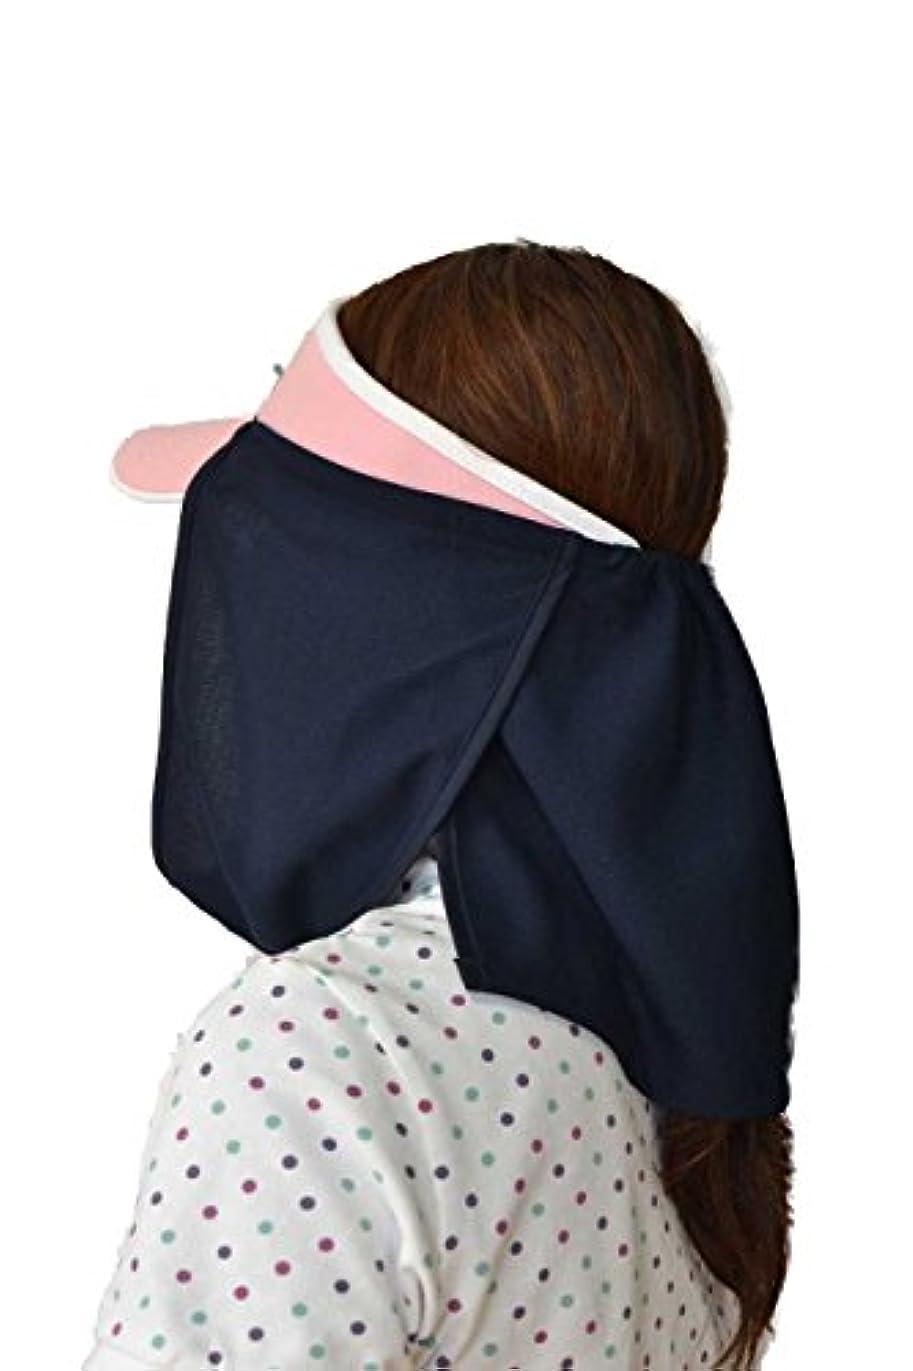 望まない理解溶岩UVカット帽子カバー?スズシーノ?(紺色)紫外線対策や熱射病、熱中症対策に最適【特許取得済】